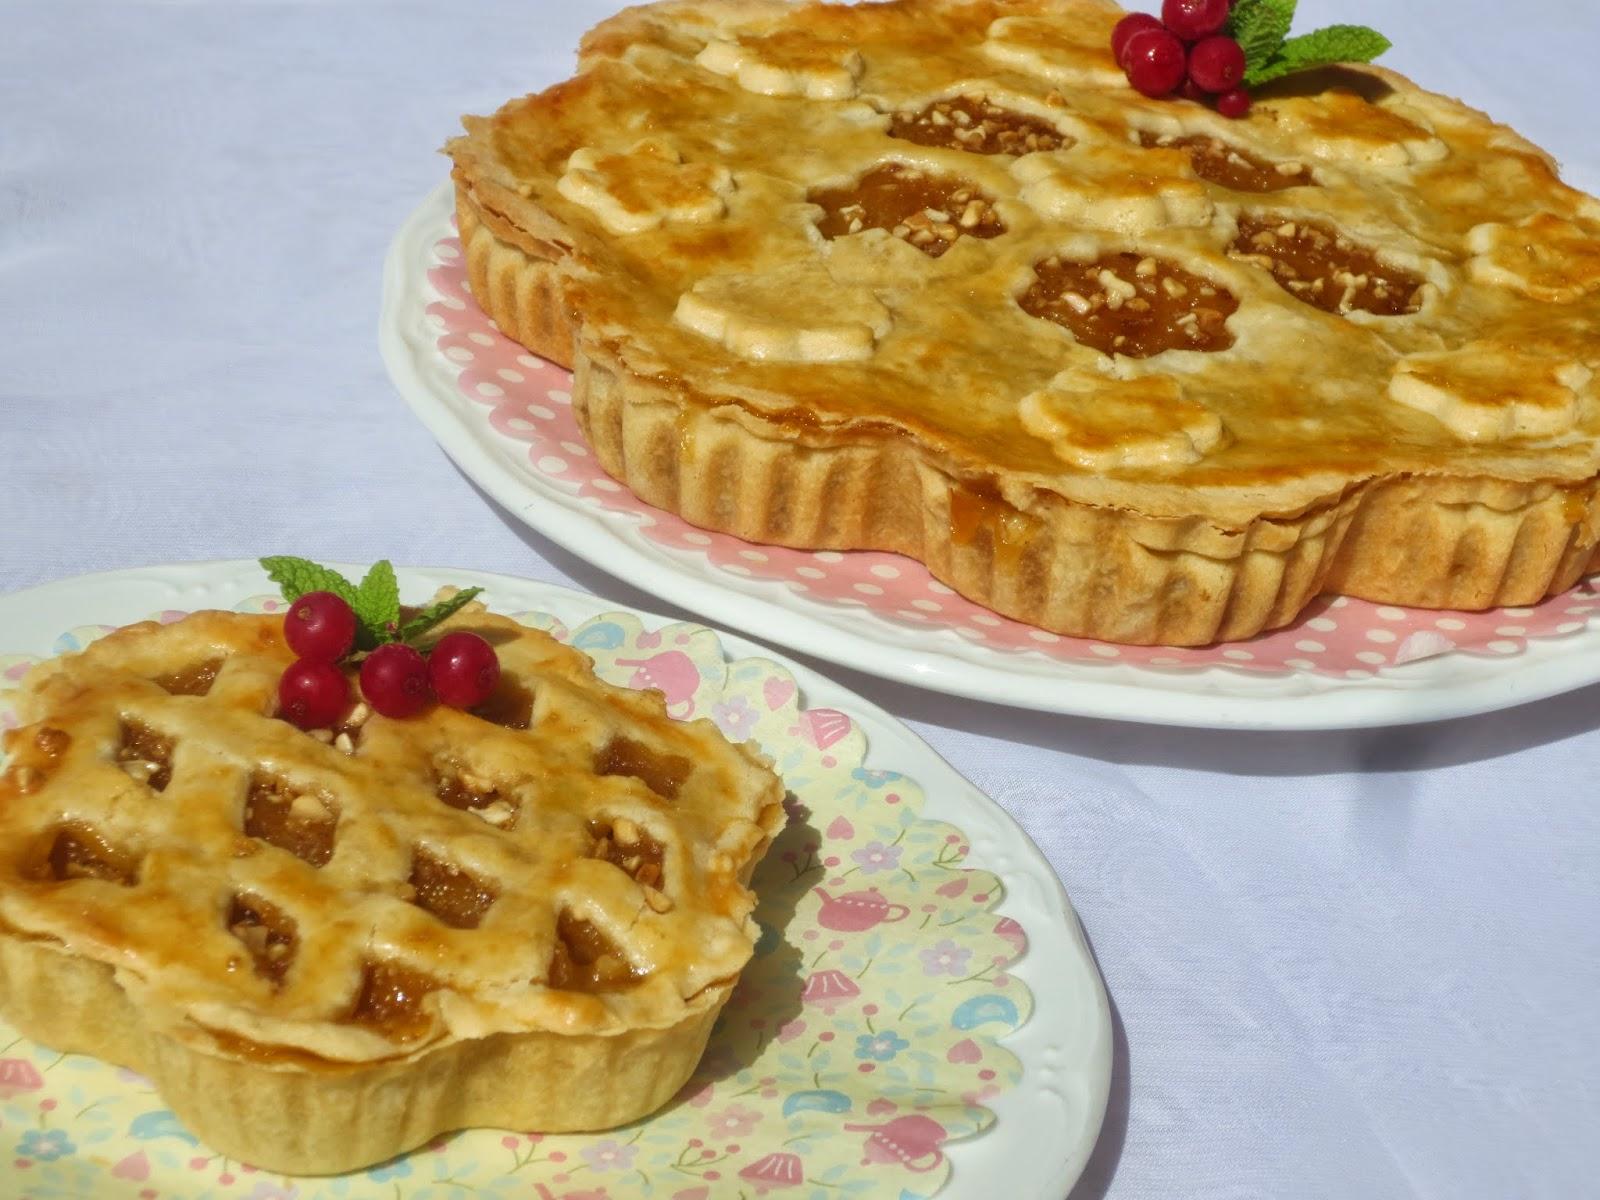 Pie o pastel de compota de manzana y cabello de ángel Ana Sevilla con Thermomix